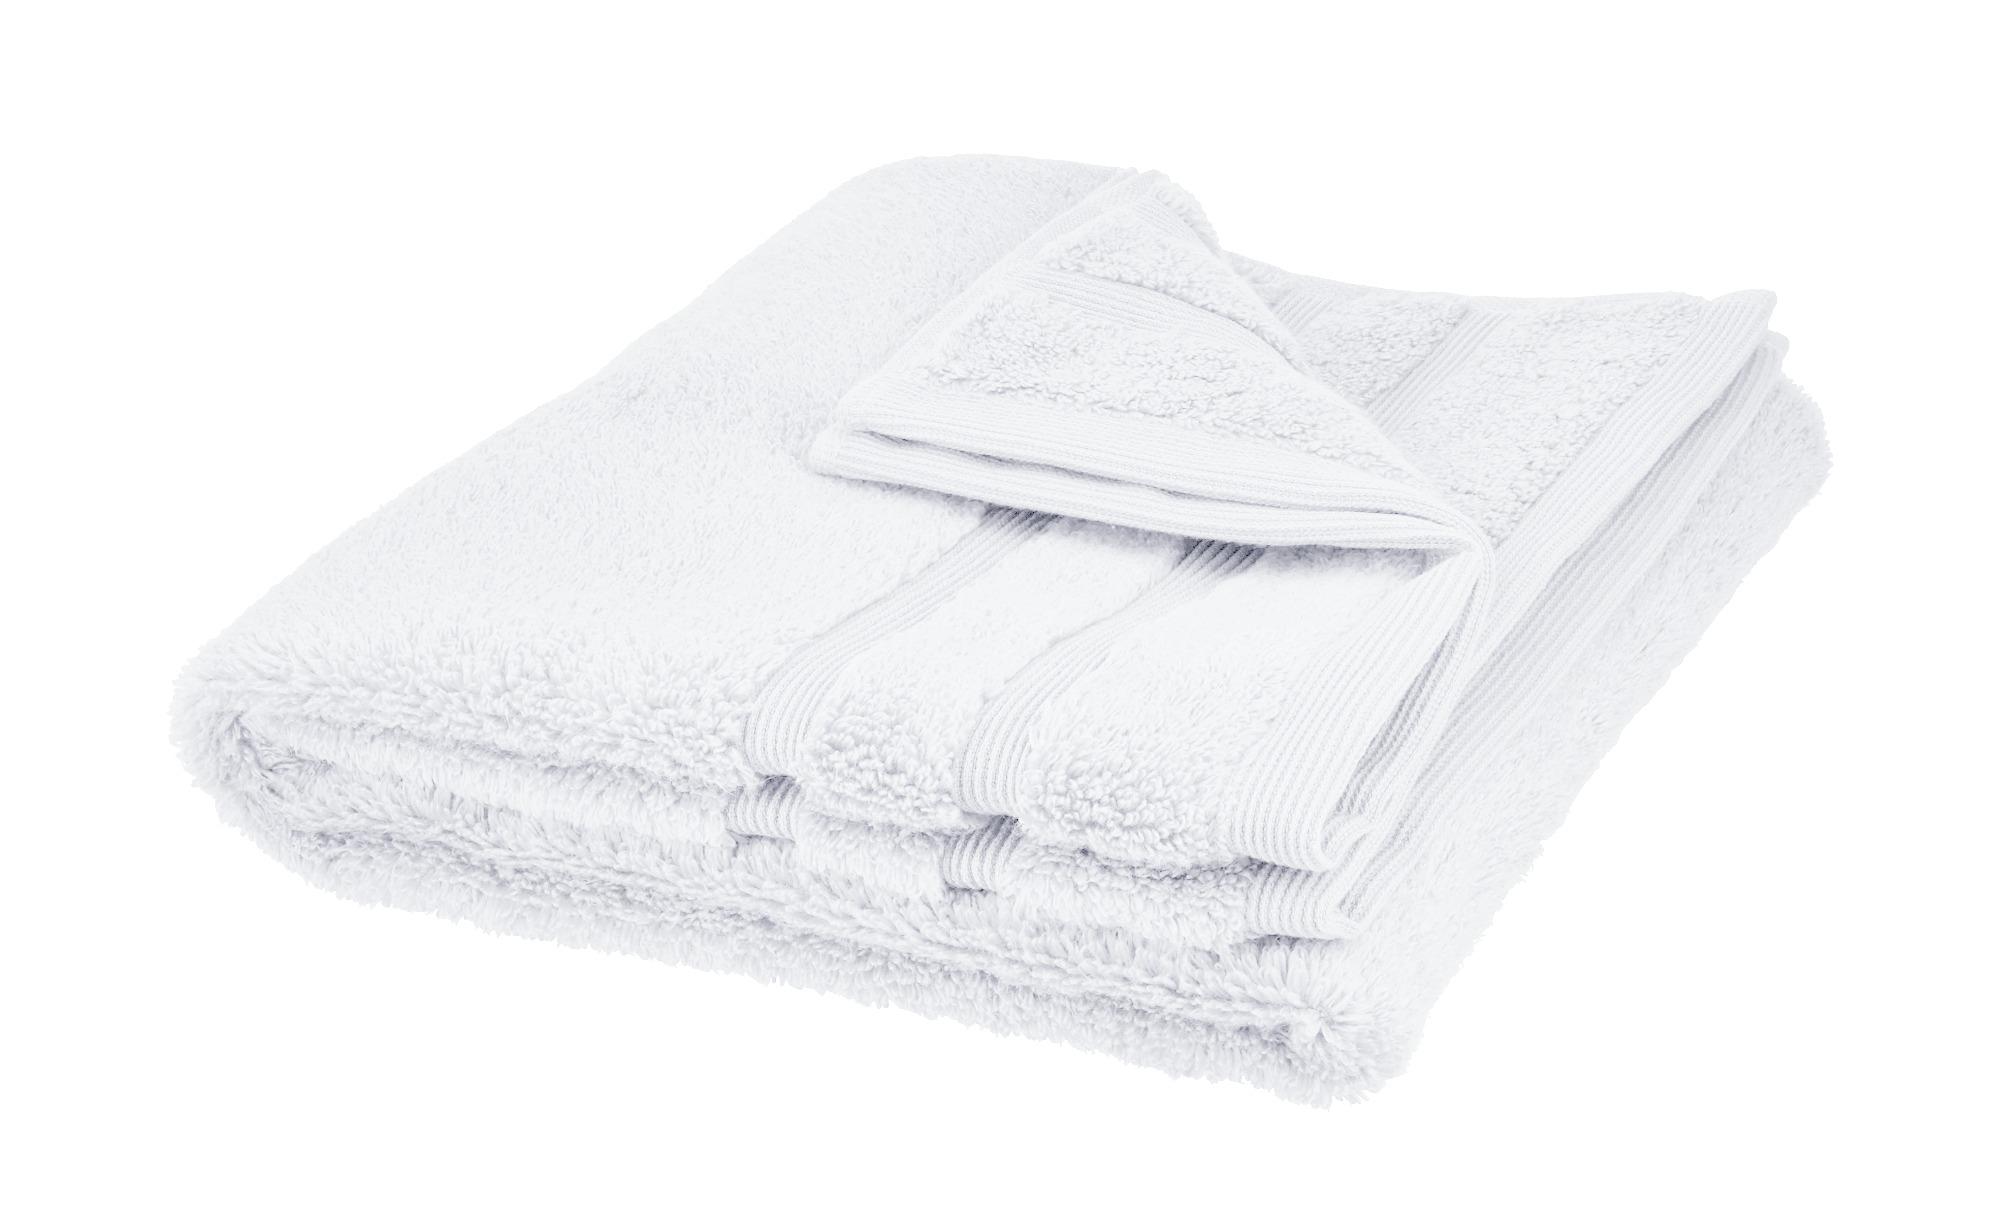 HOME STORY Handtuch  Das neue Kuschel Wuschel ¦ weiß ¦ 100% Baumwolle Badtextilien und Zubehör > Handtücher & Badetücher > Handtücher - Höffner